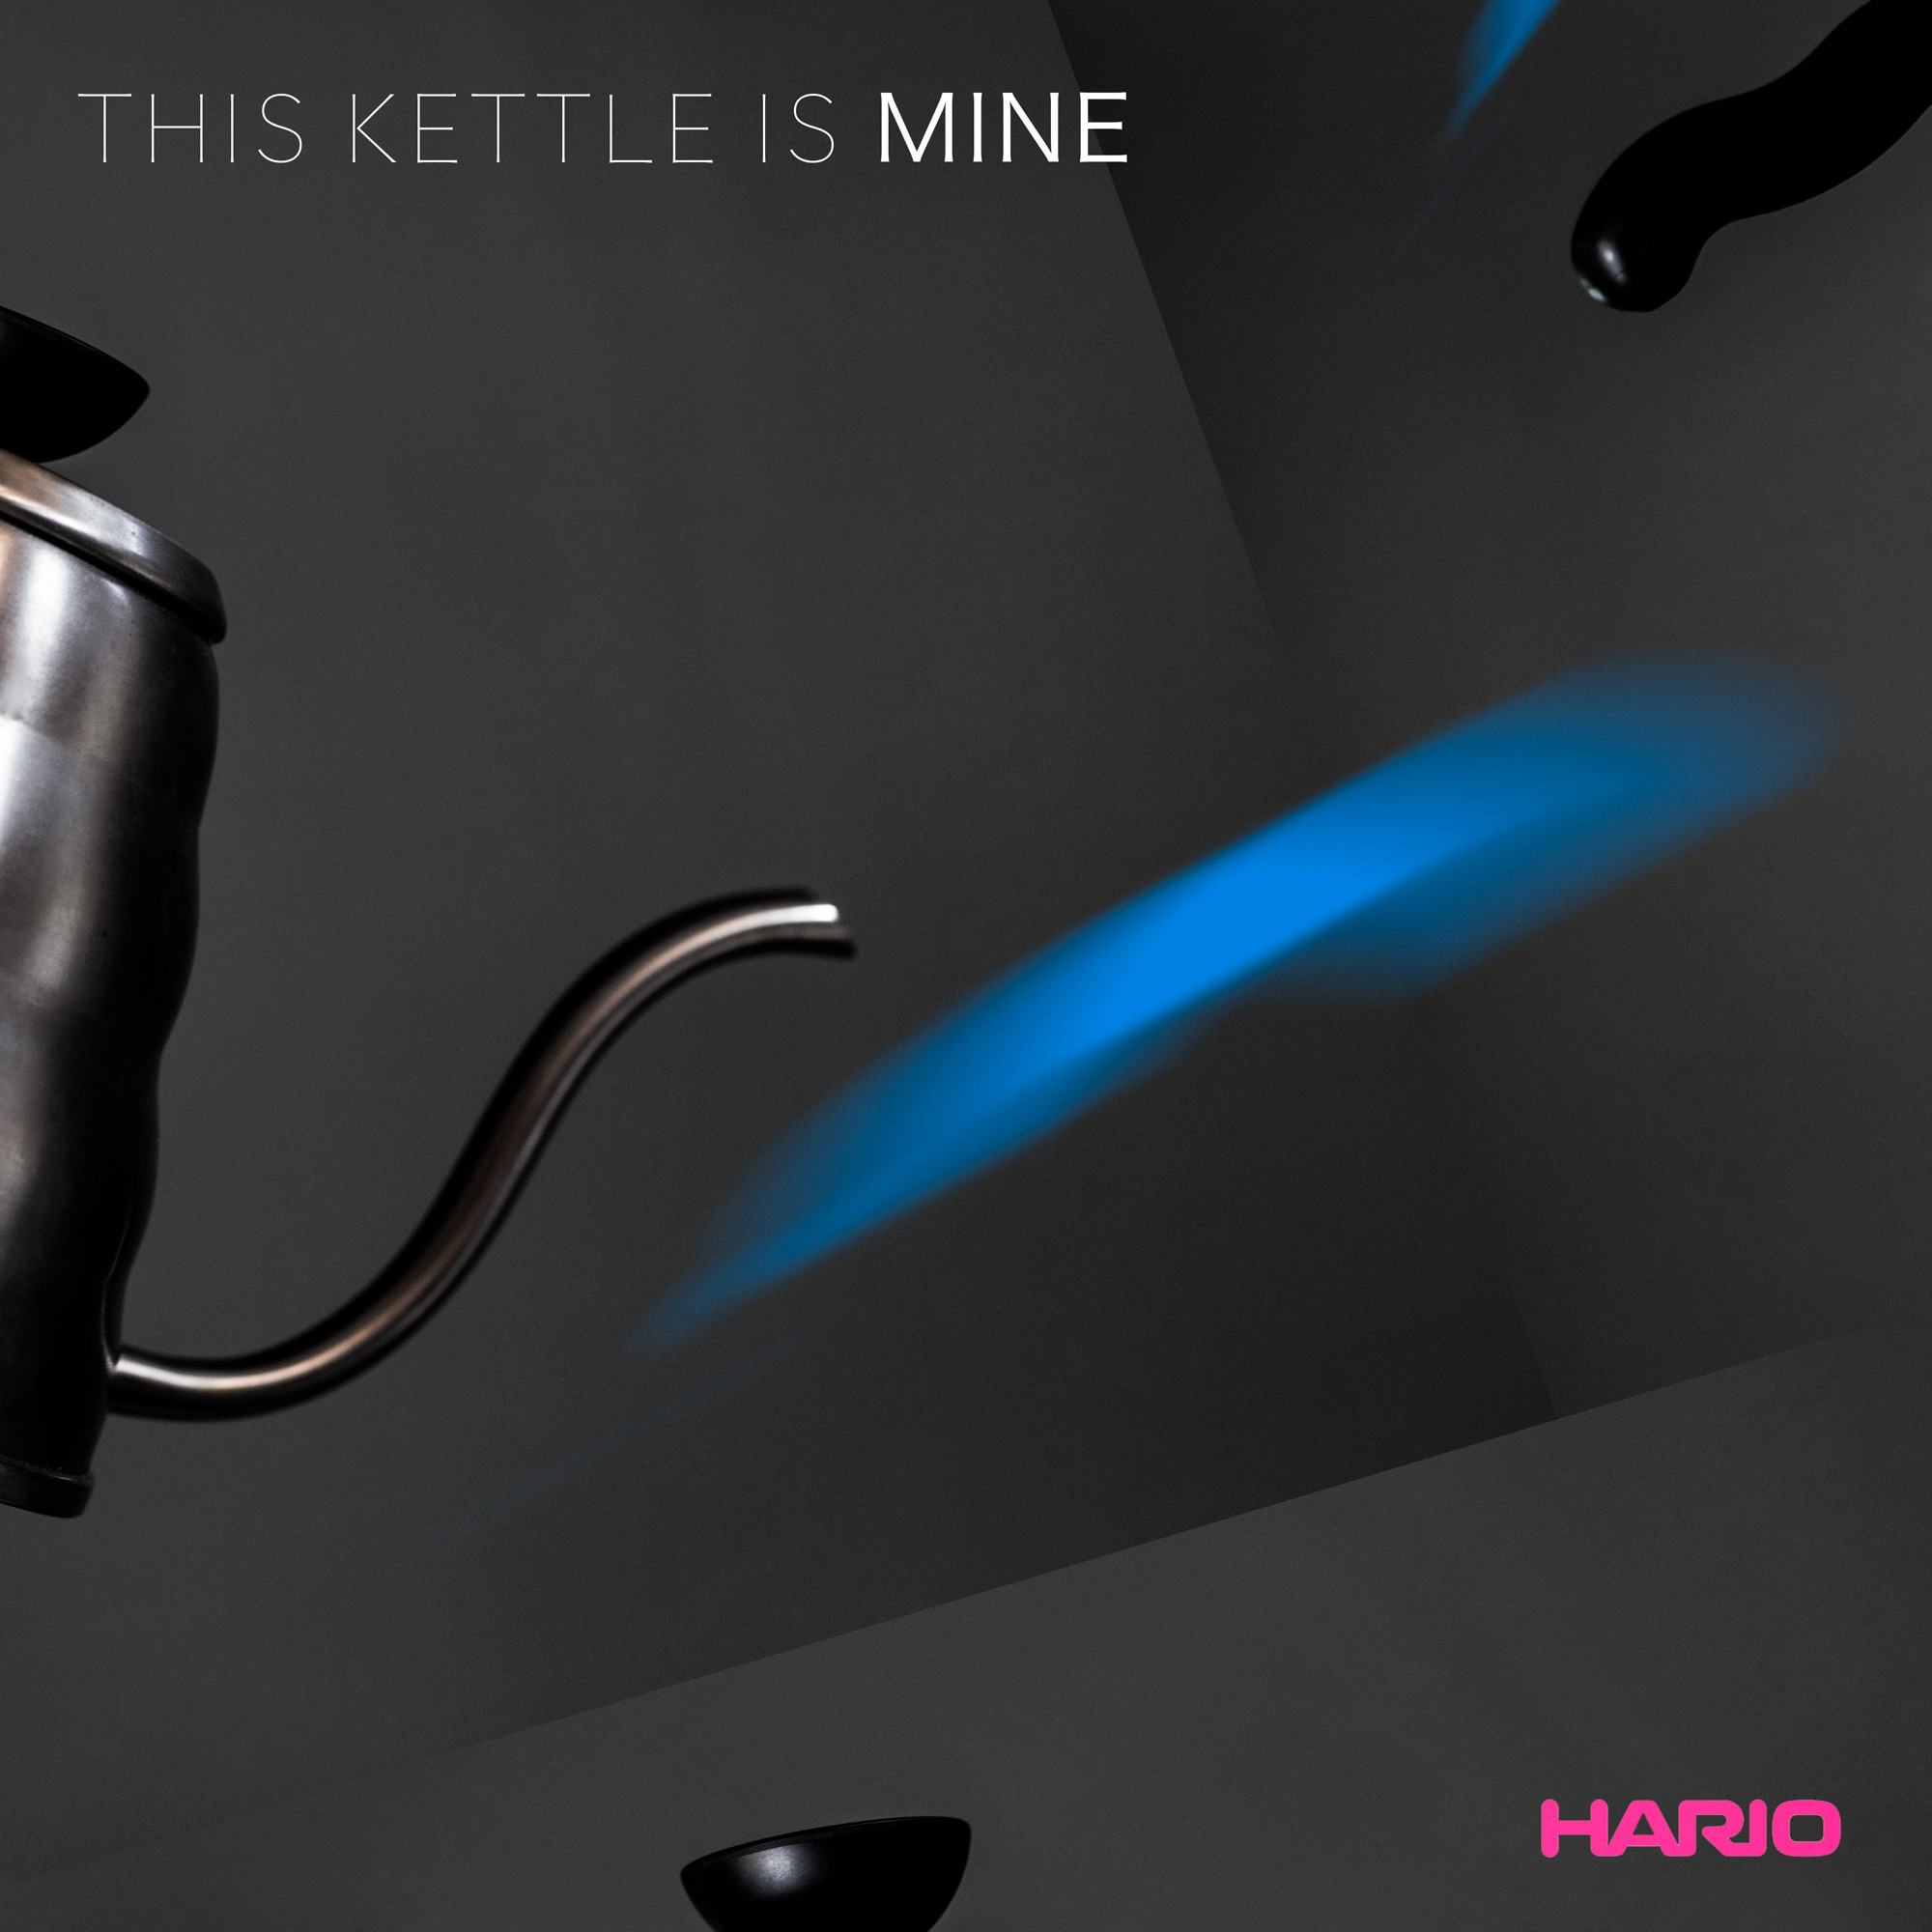 kettle3_Square.jpg